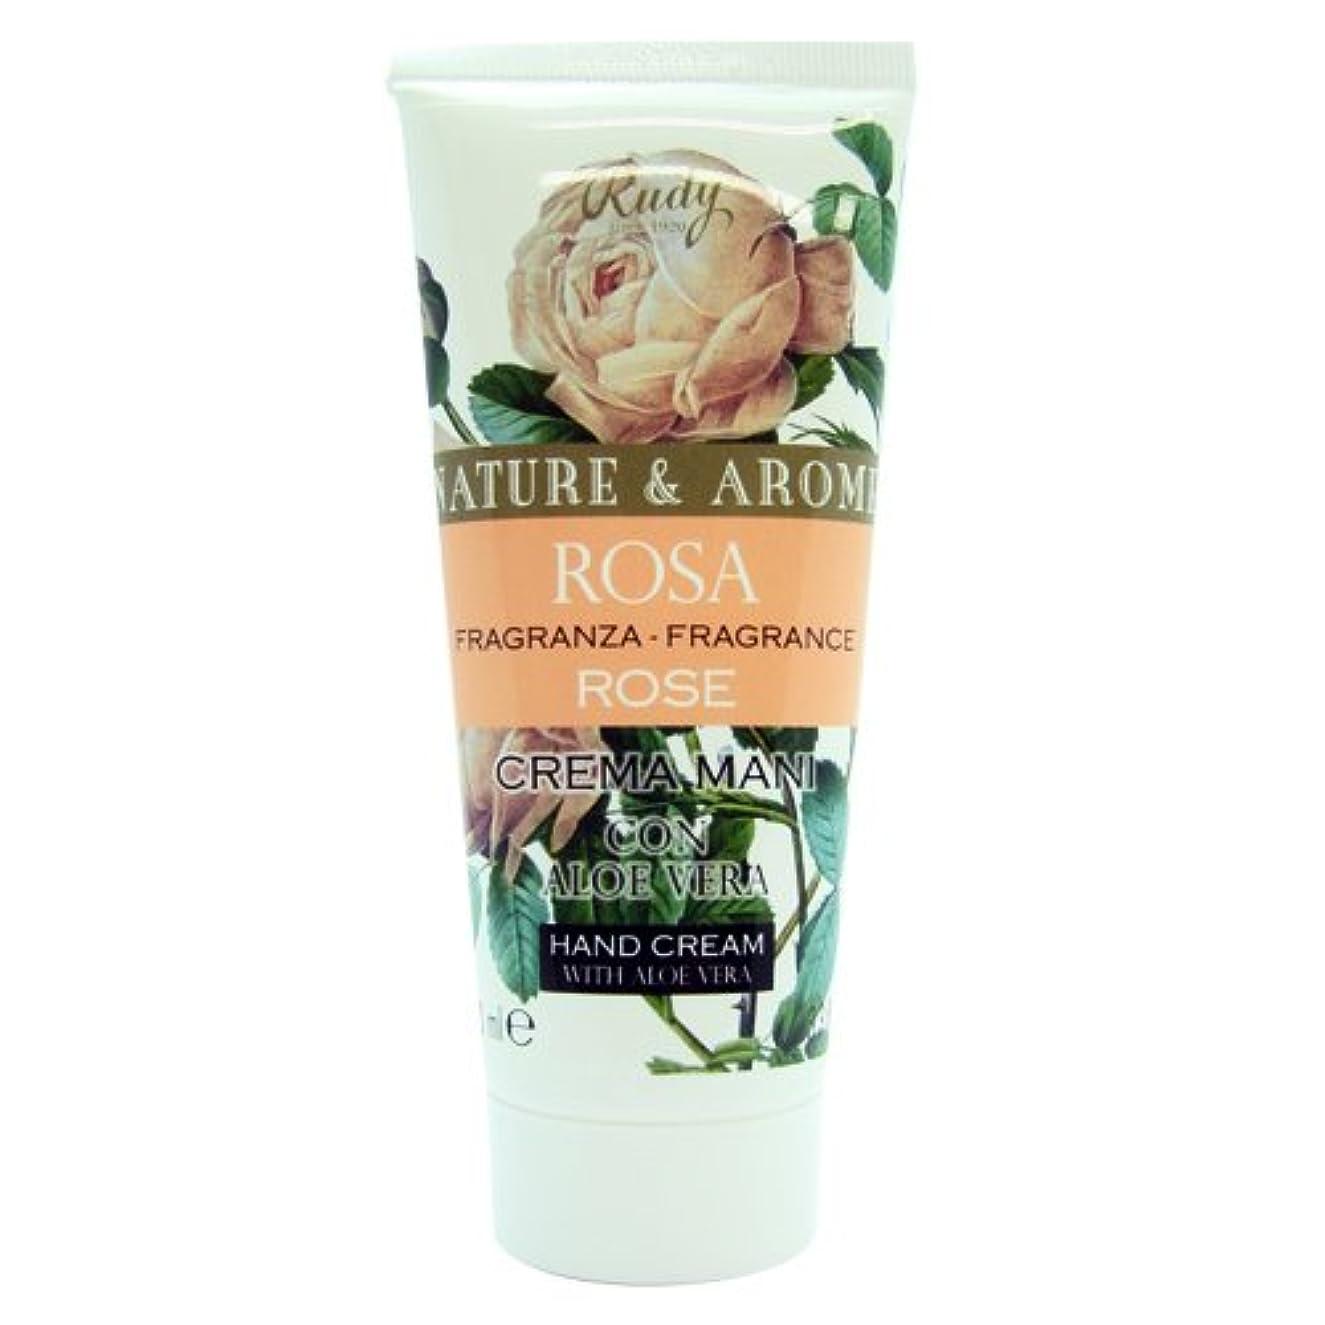 哺乳類たまに識別RUDY Nature&Arome SERIES ルディ ナチュール&アロマ Hand Cream ハンドクリーム Rose ローズ